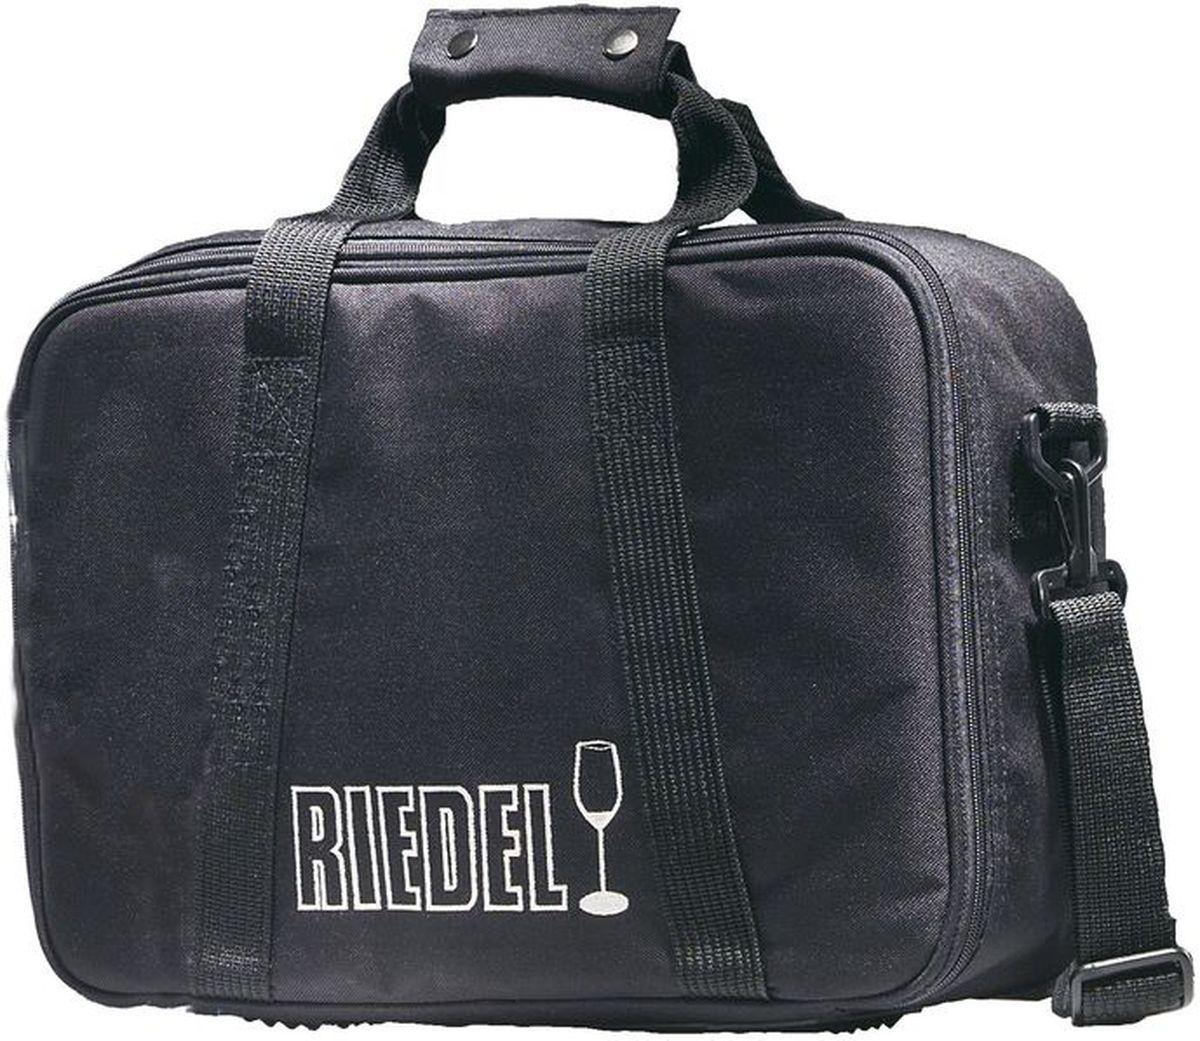 Сумка для транспортировки бокалов на ножке Riedel, цвет: черный, красный, 45 х 30 см. 5000/005000/00